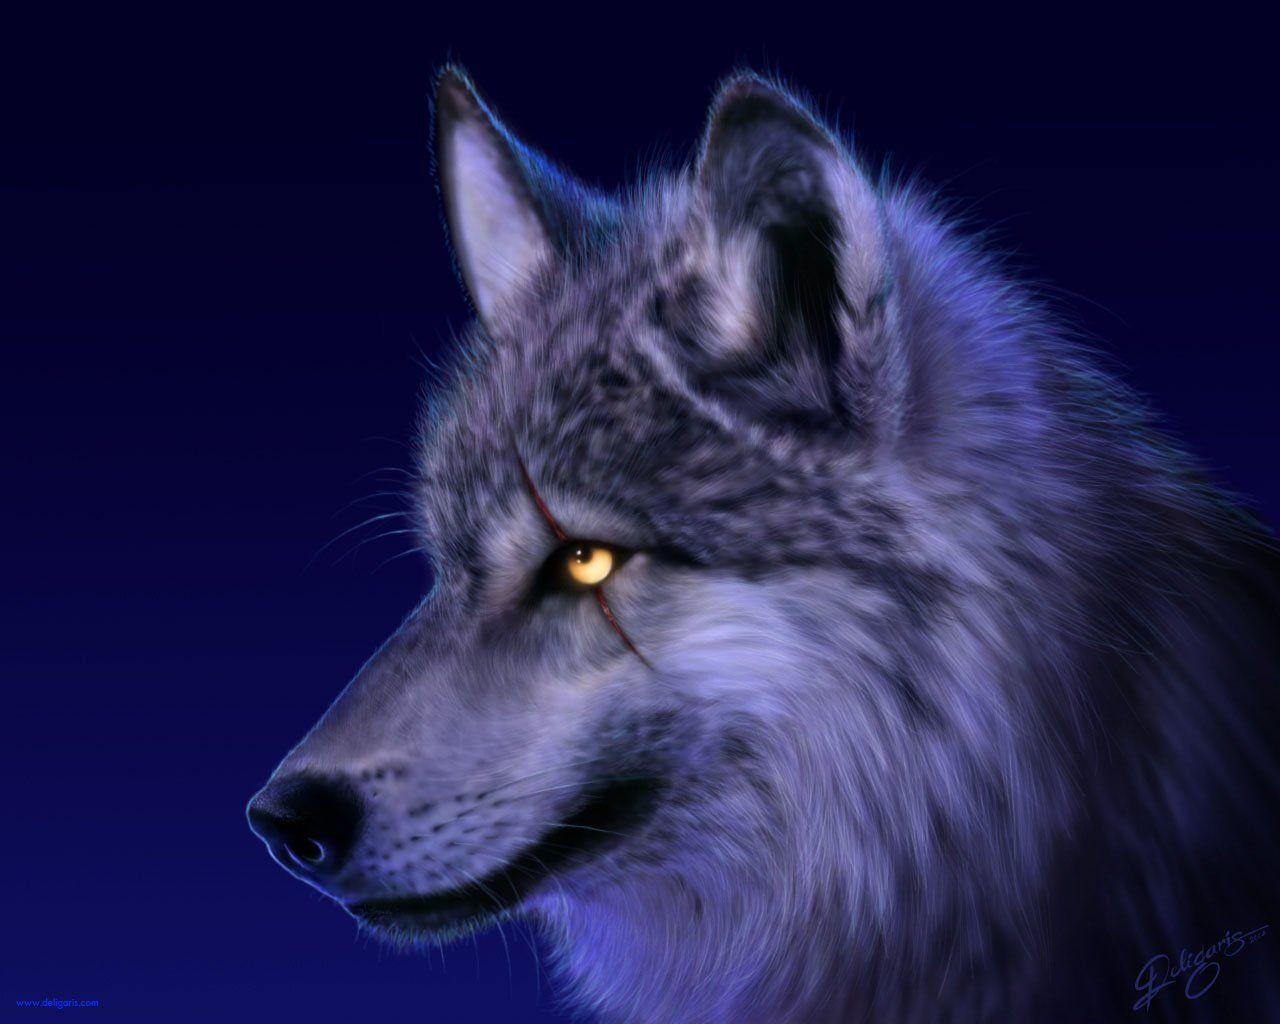 1280x1024 Wolf HD Hình nền và Hình nền